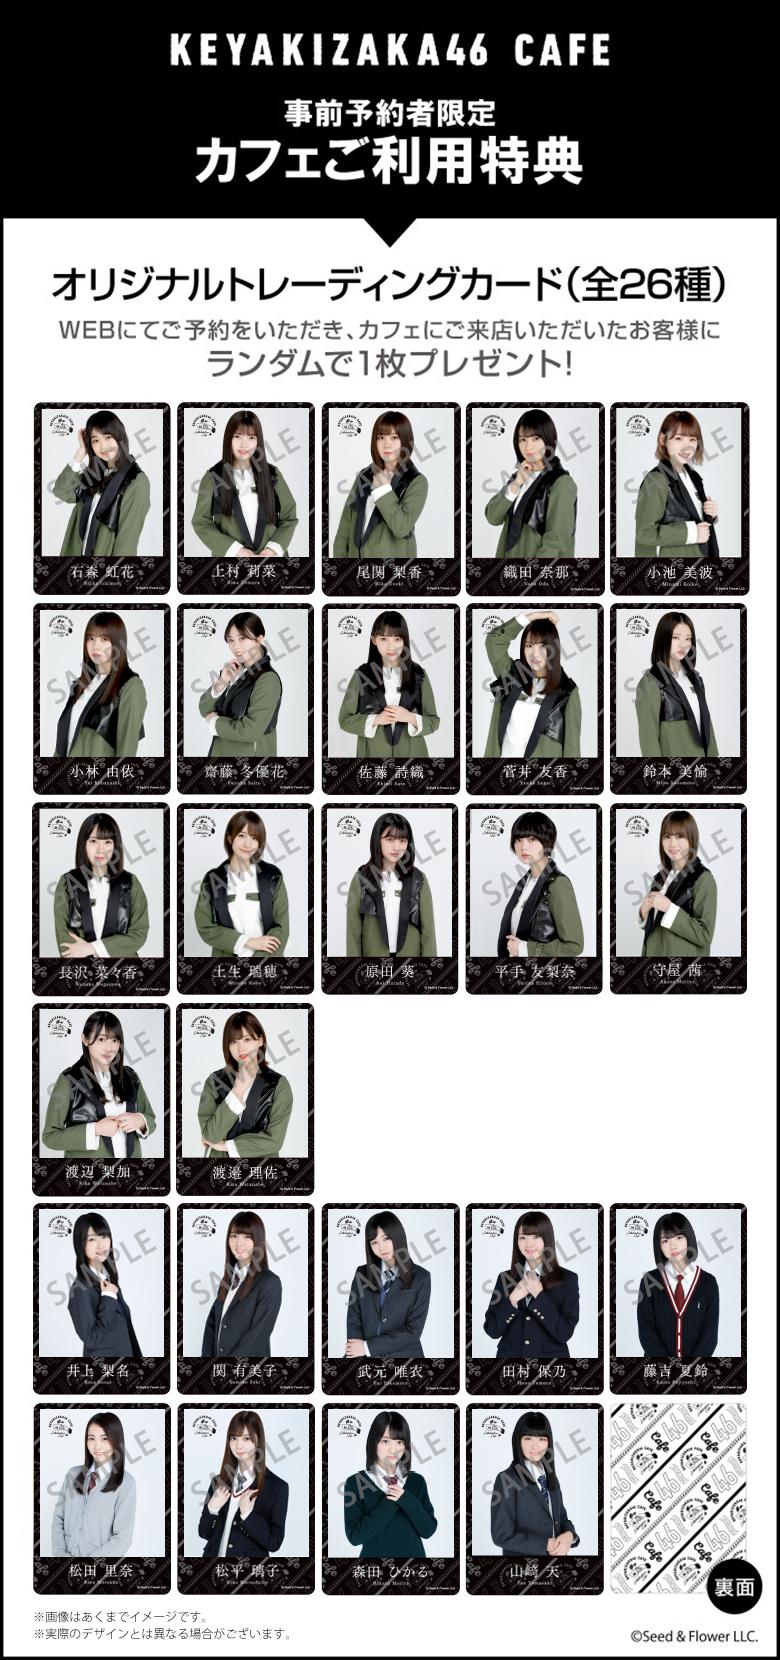 191103_keyaki_card